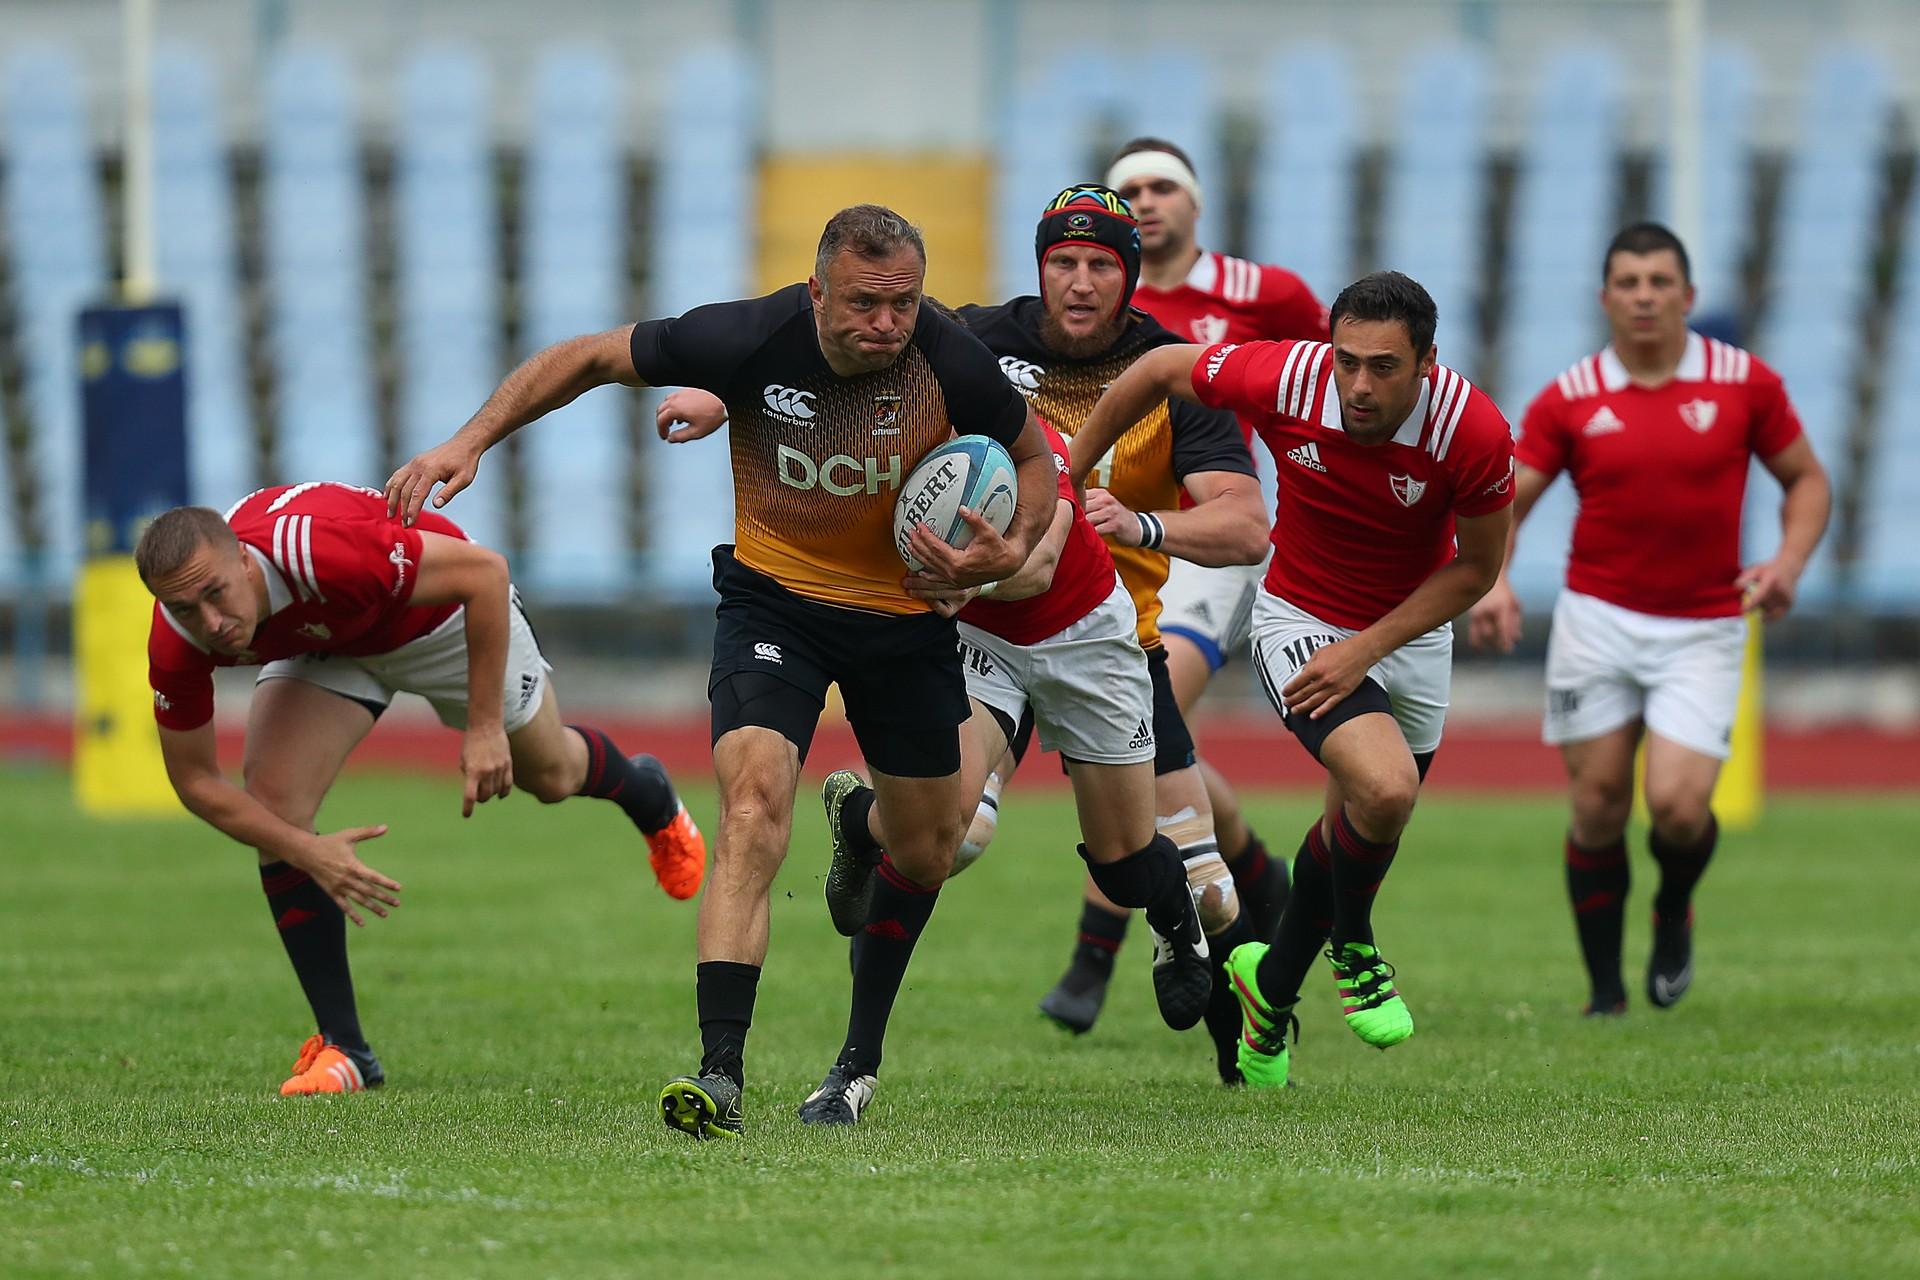 В Харькове состоялся центральный матч регбийного чемпионата (фото)